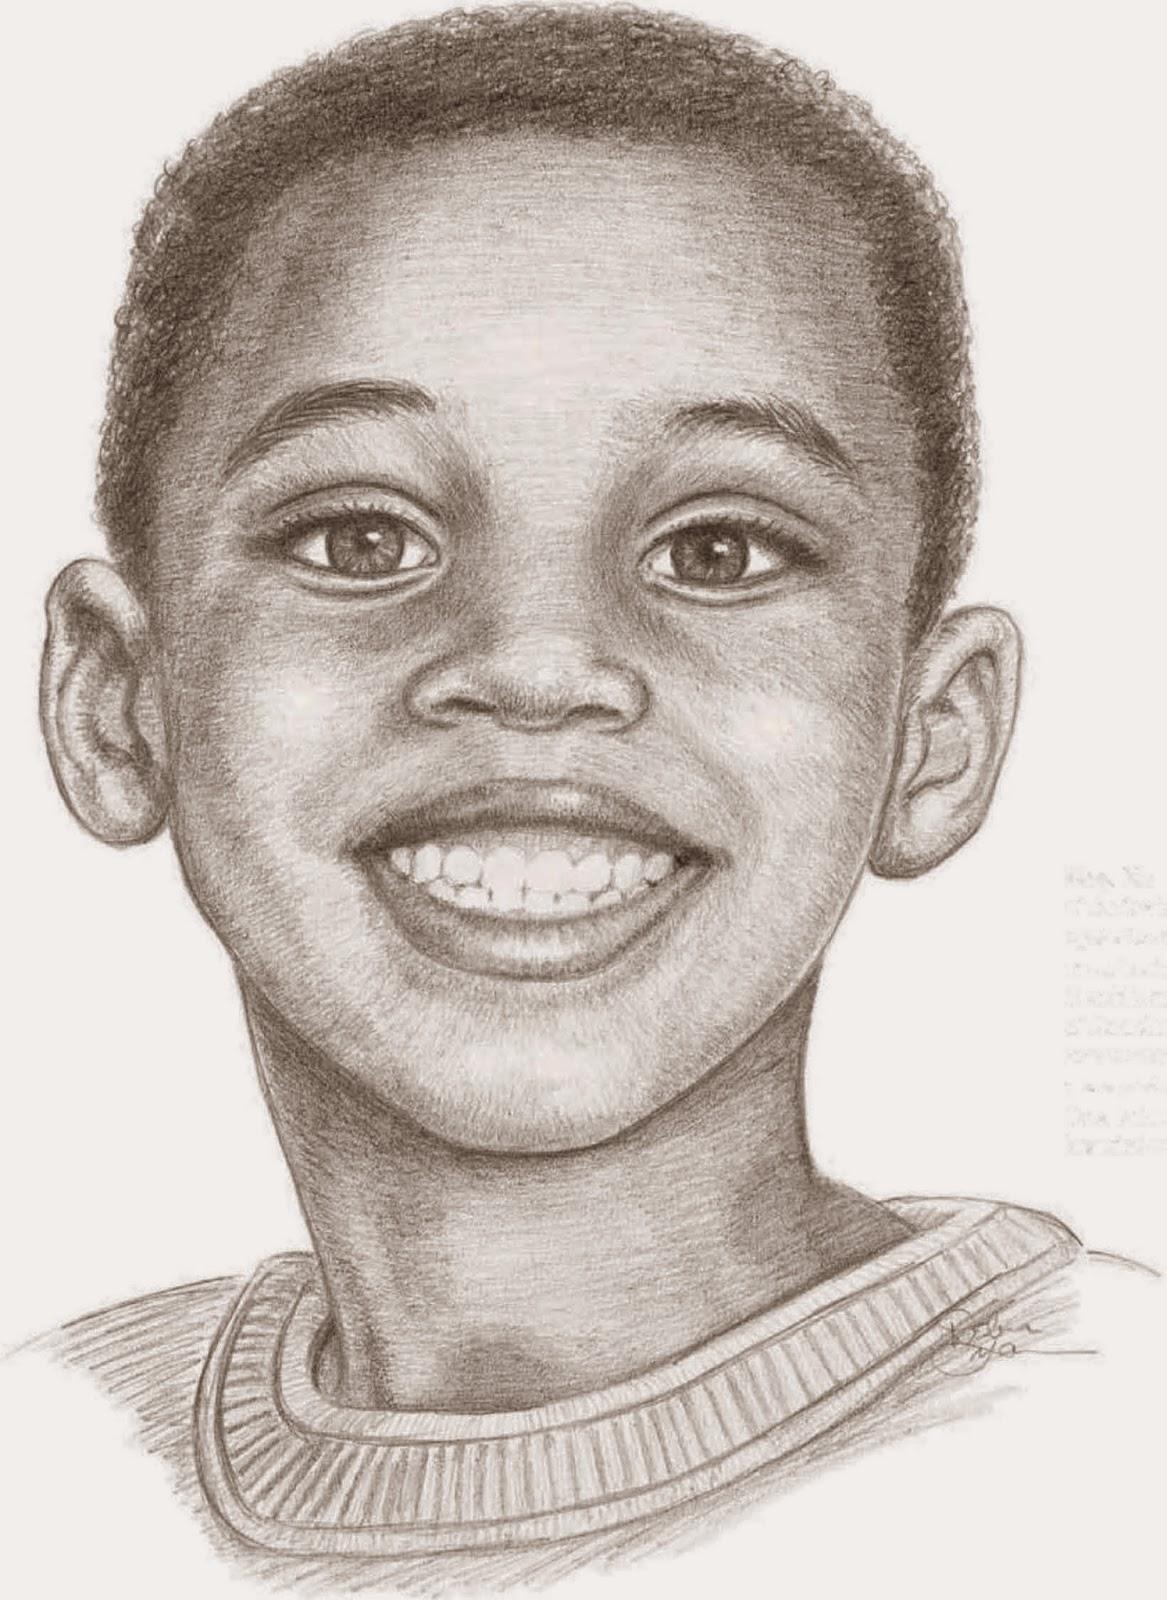 Drawings Replicating Dark Skin Tones